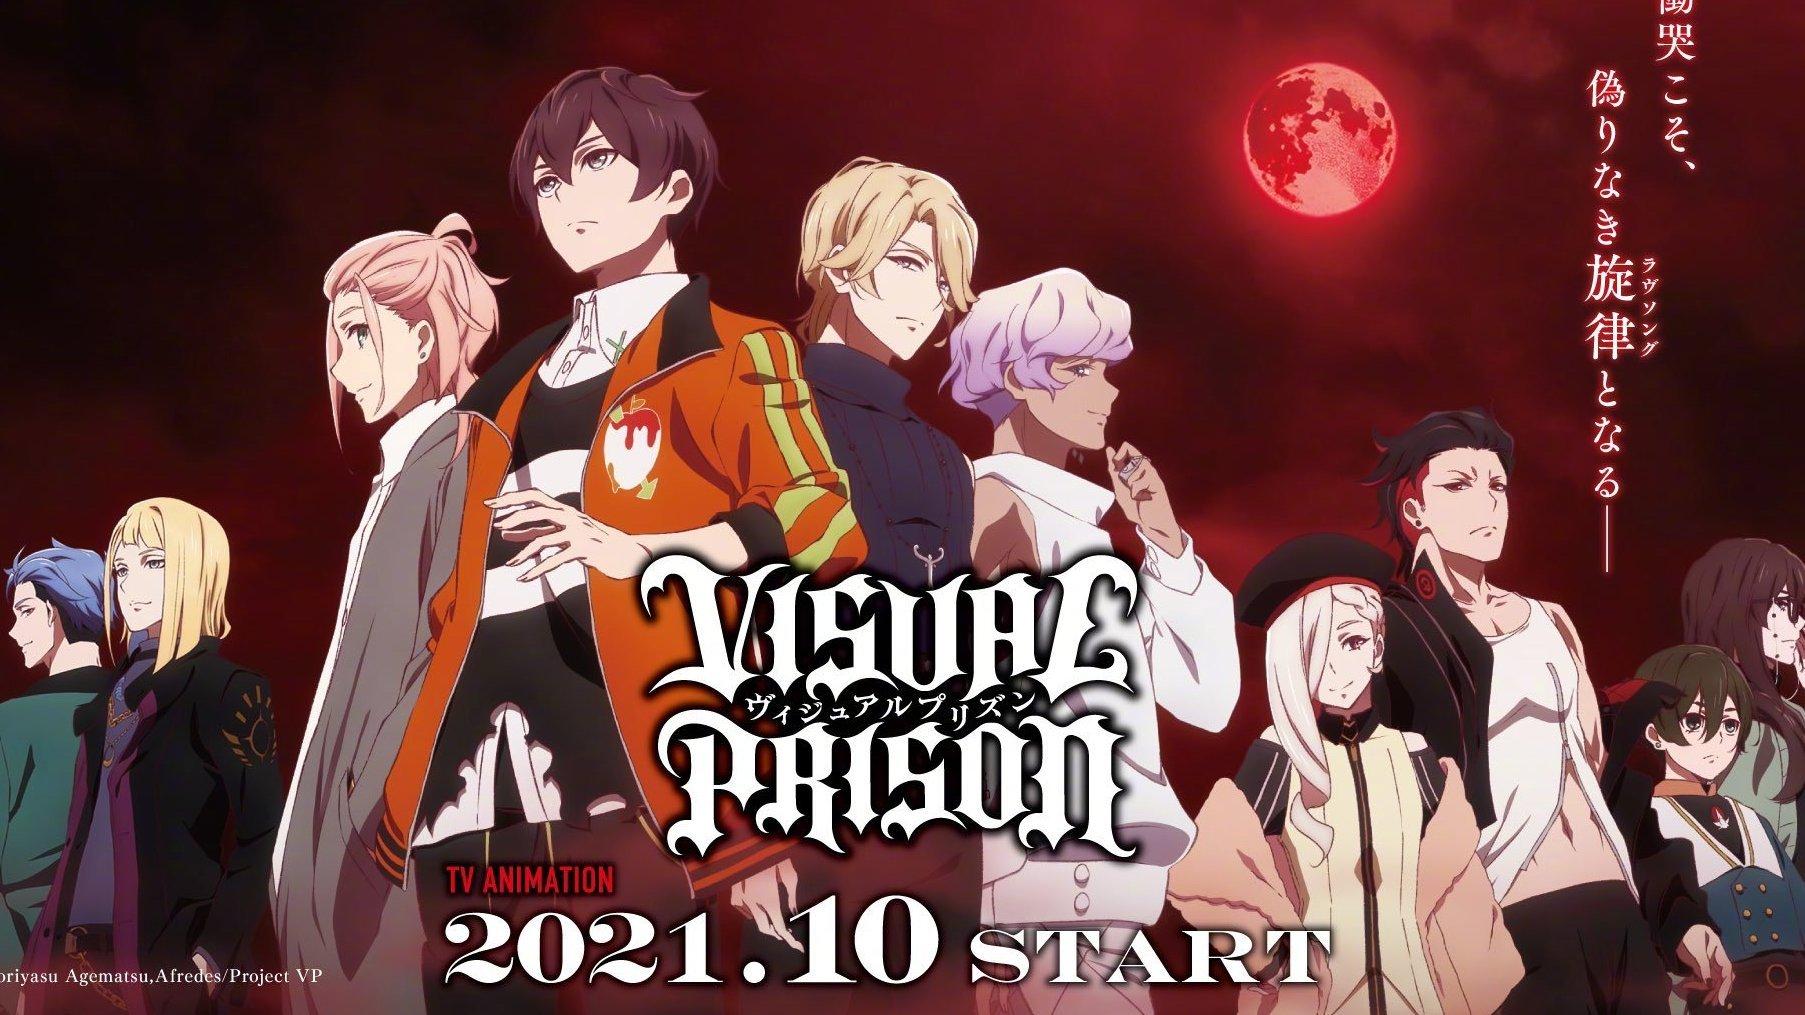 原创TV动画《VISUAL PRISON》第2弹PV公开,2021年10月开播